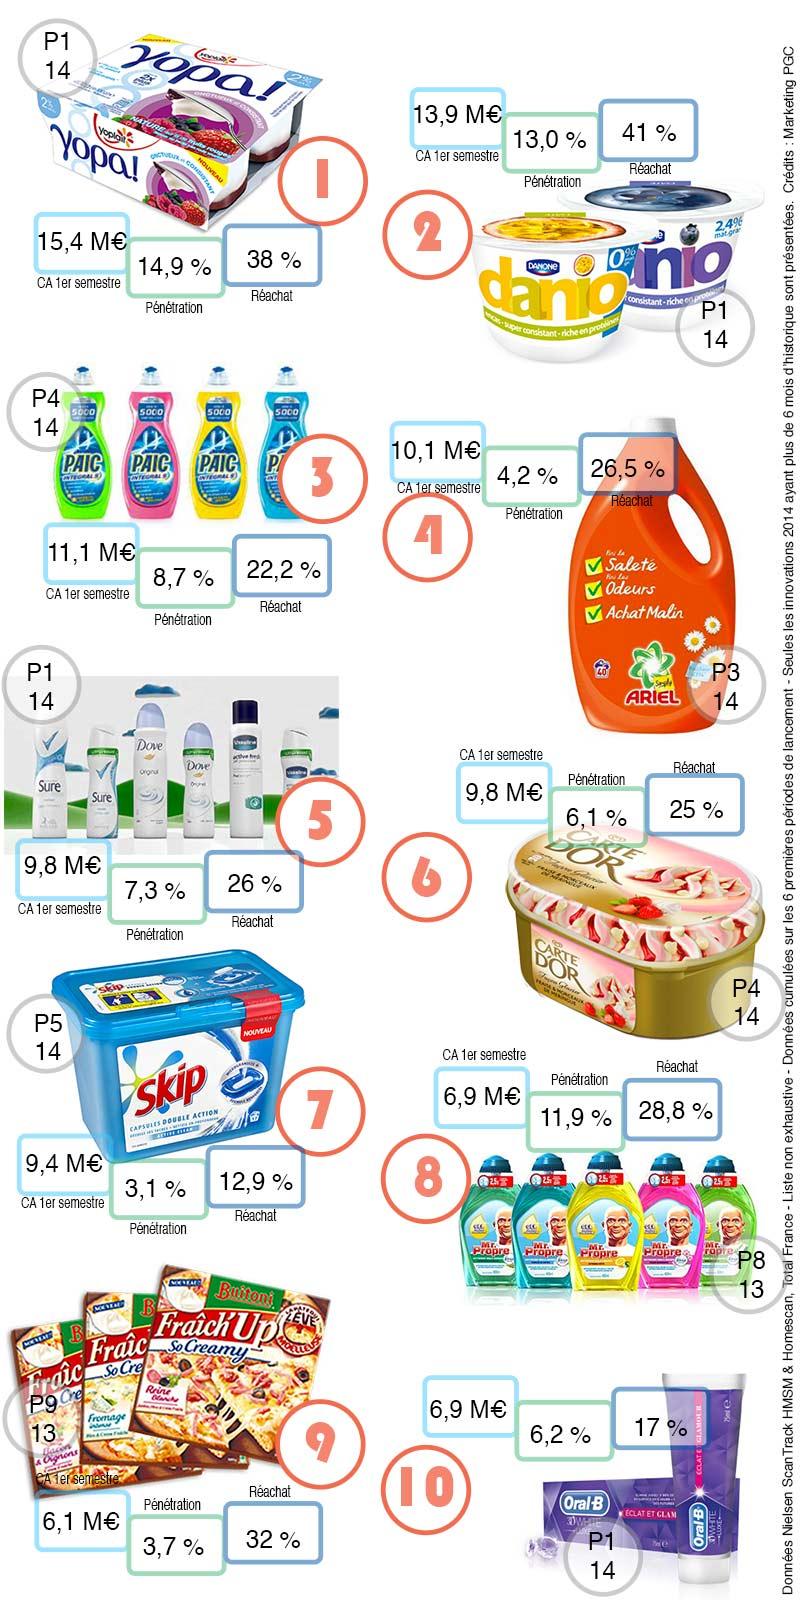 Top 10 des innovations grande consommation lancé en 2014 par chiffre d'affaires réalisé sur les 6 premiers mois d'existence.